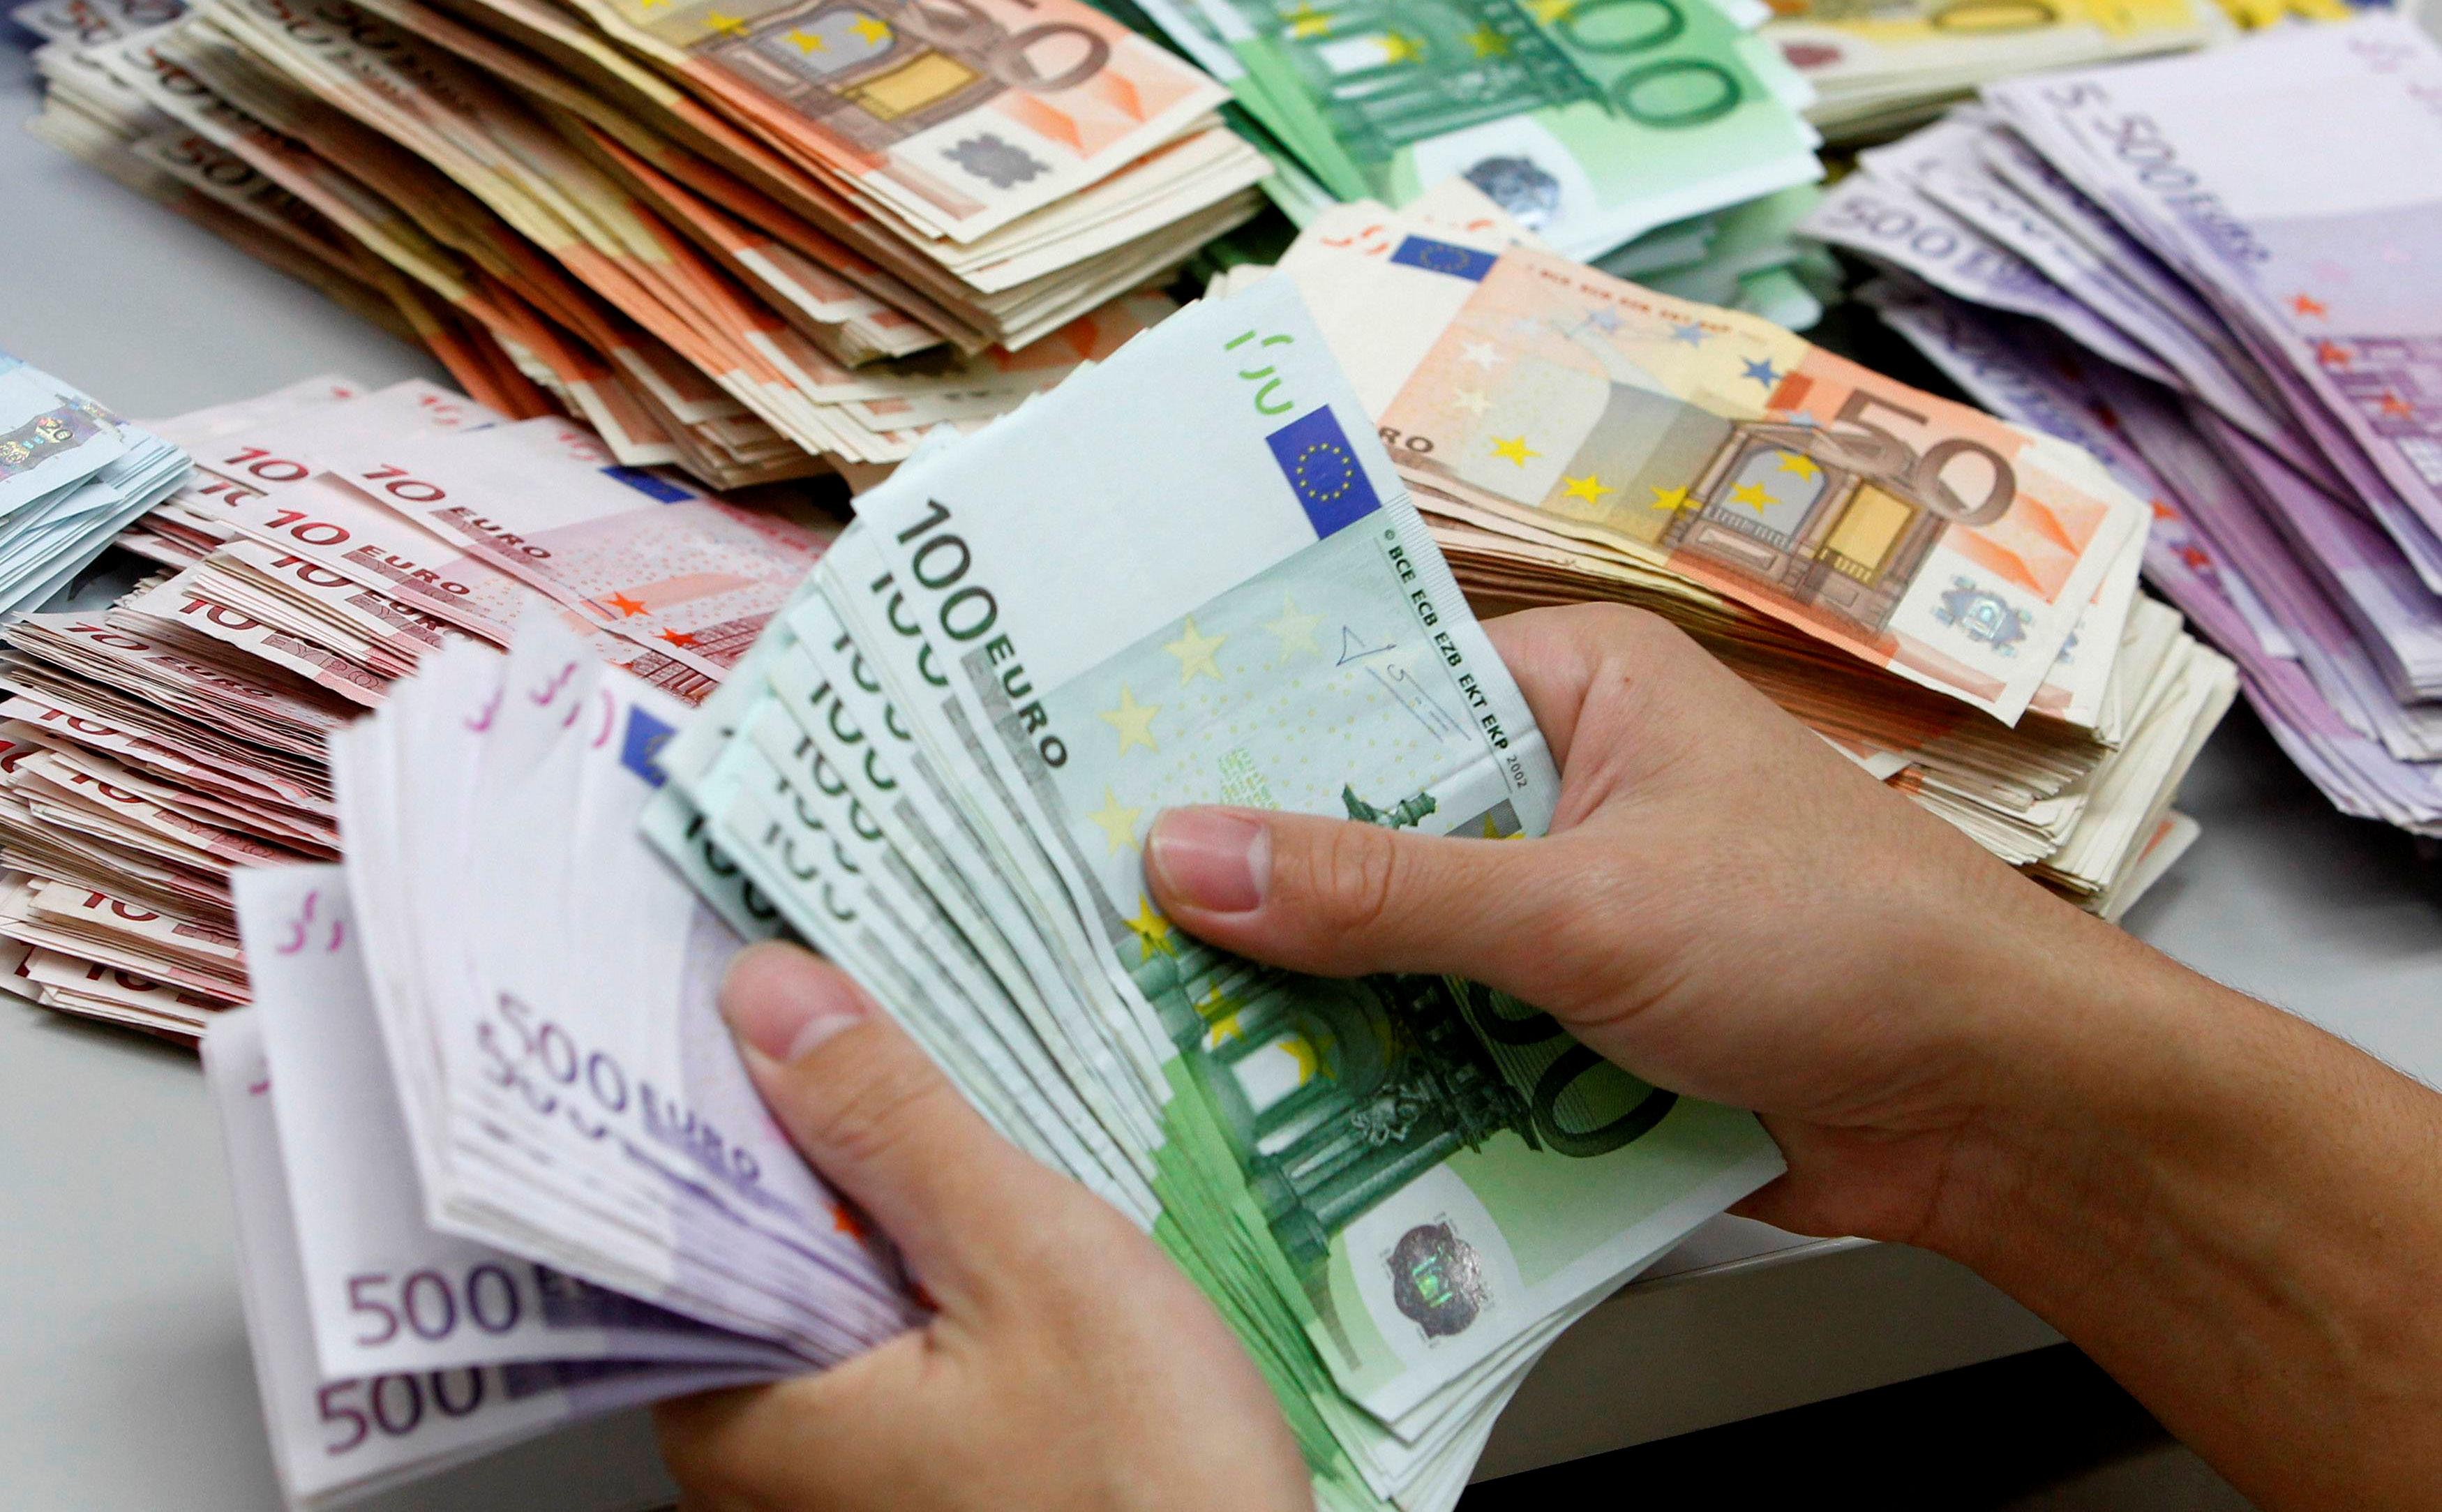 Prestiti online, in quanto tempo vengono erogati?